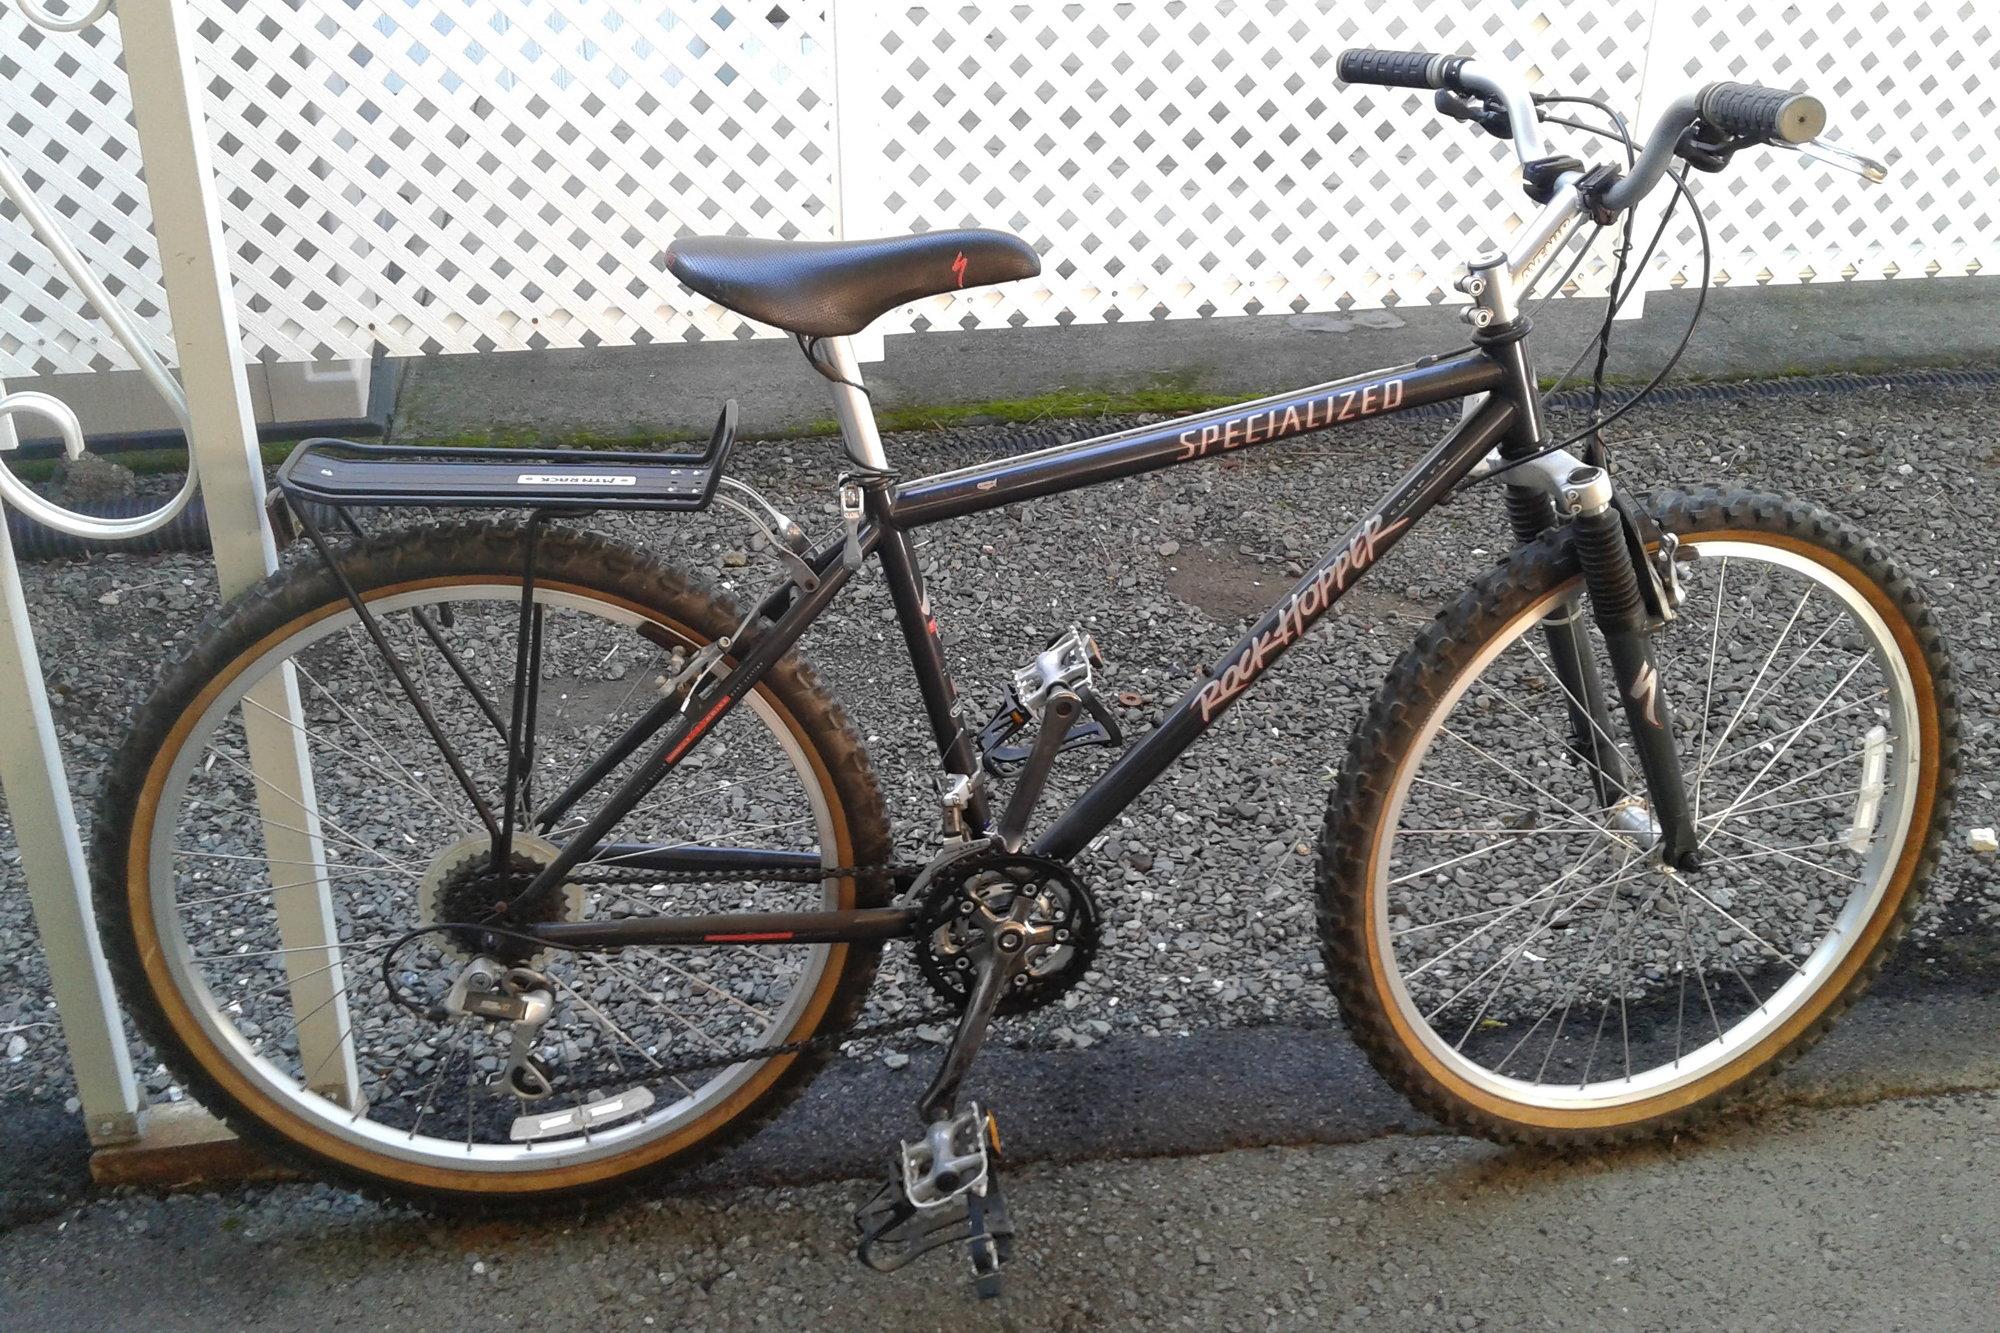 1996 Specialized rockhopper upgrade options - Bike Forums